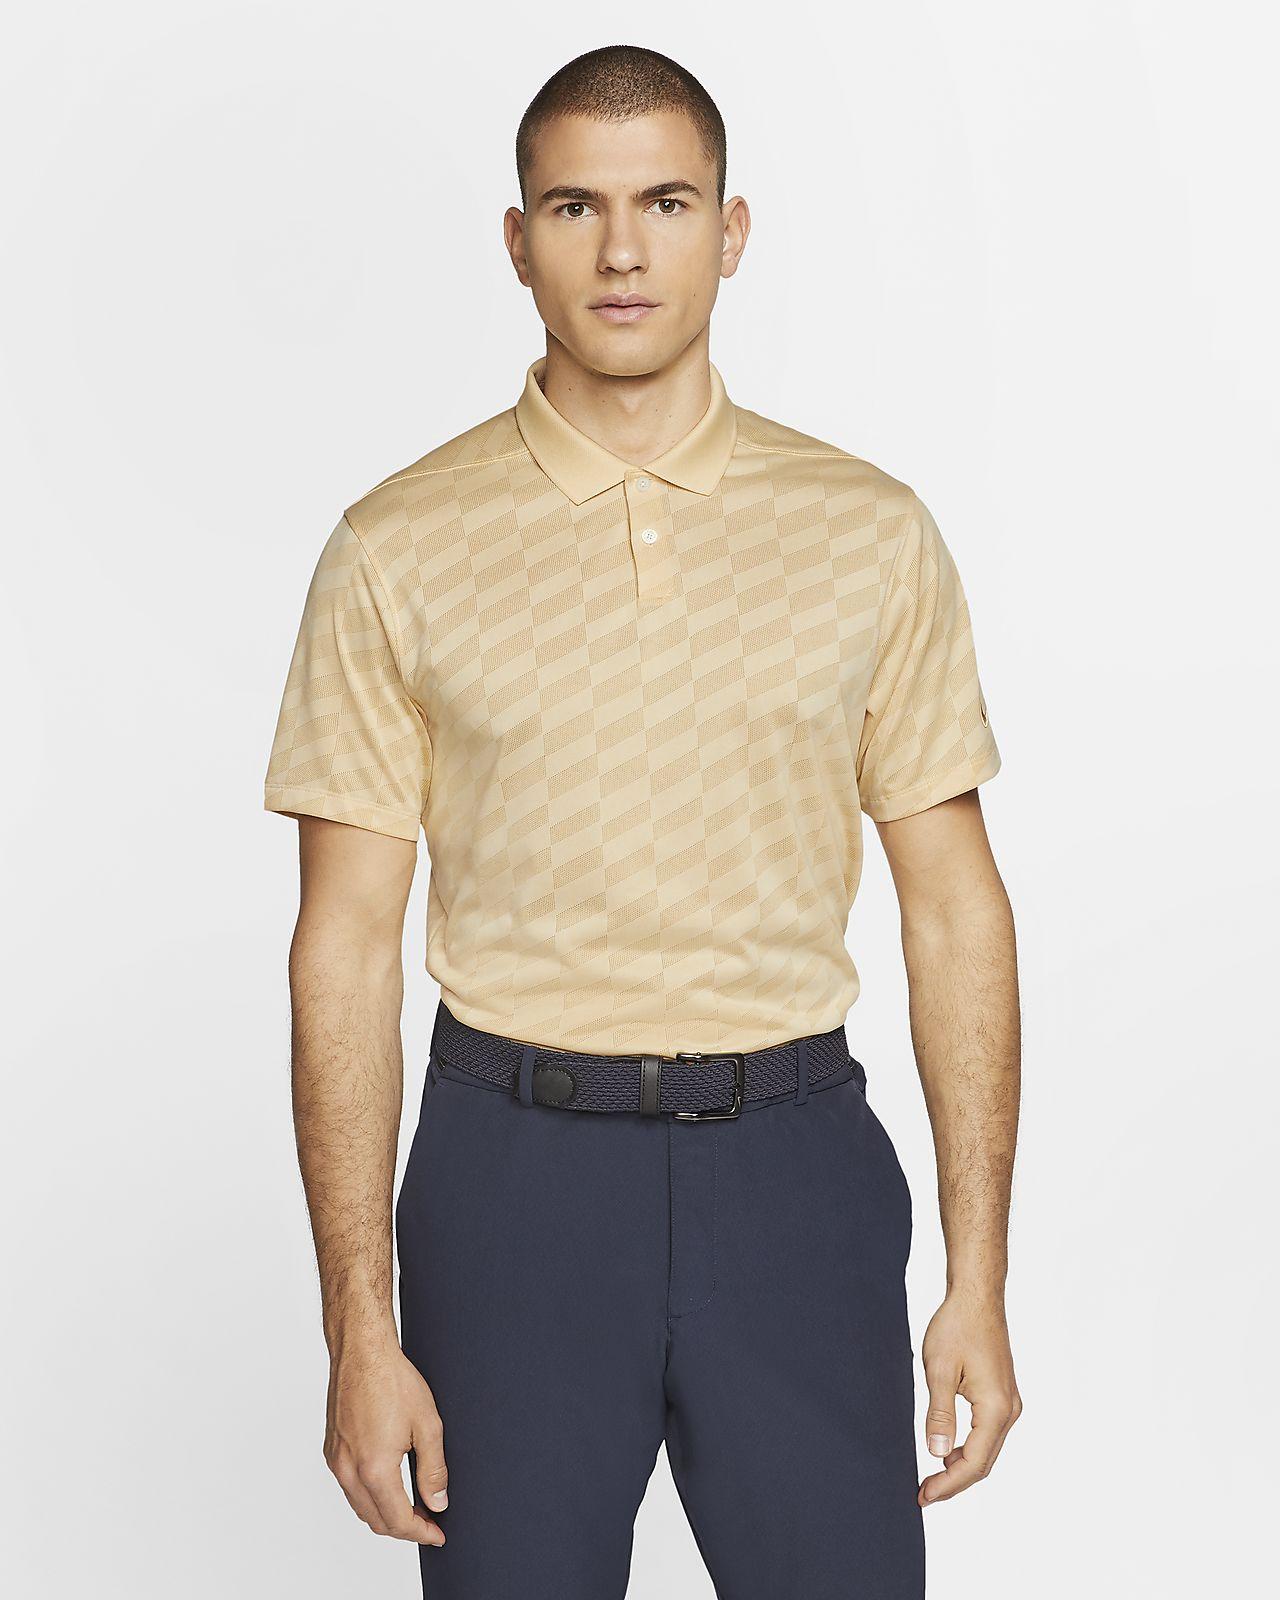 Ανδρική μπλούζα πόλο για γκολφ Nike Dri-FIT Vapor